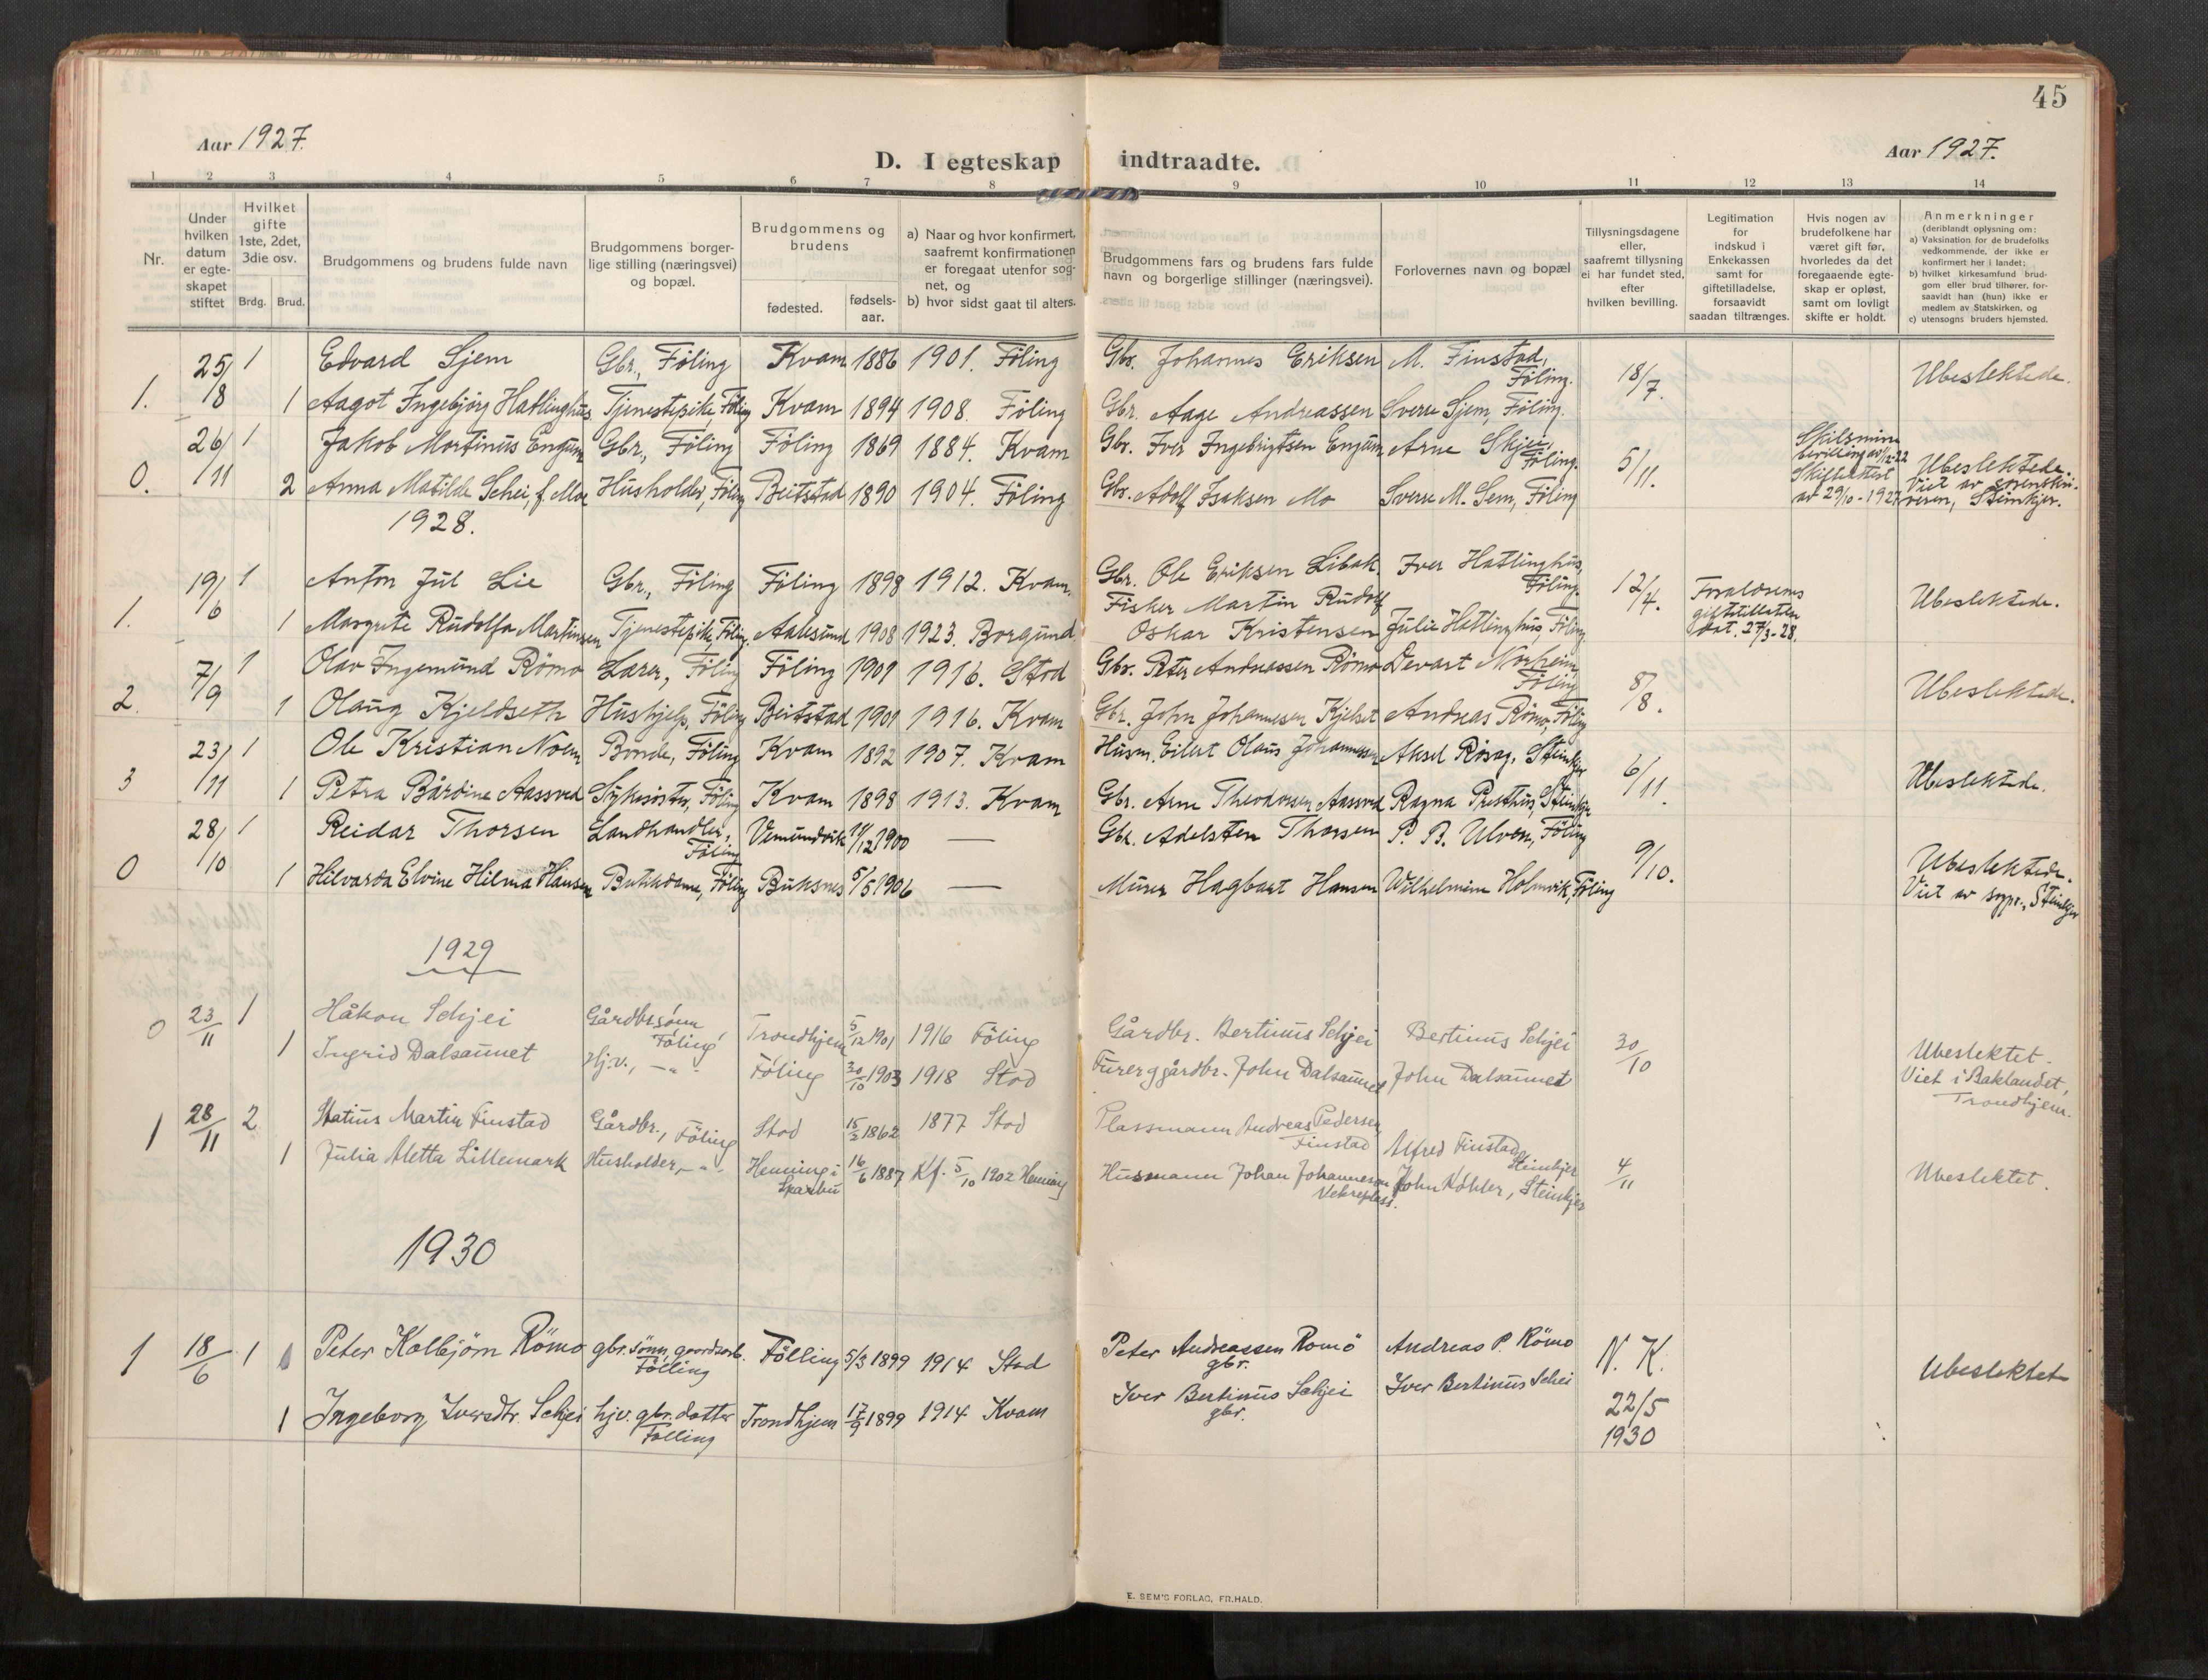 SAT, Stod sokneprestkontor, I/I1/I1a/L0003: Parish register (official) no. 3, 1909-1934, p. 45